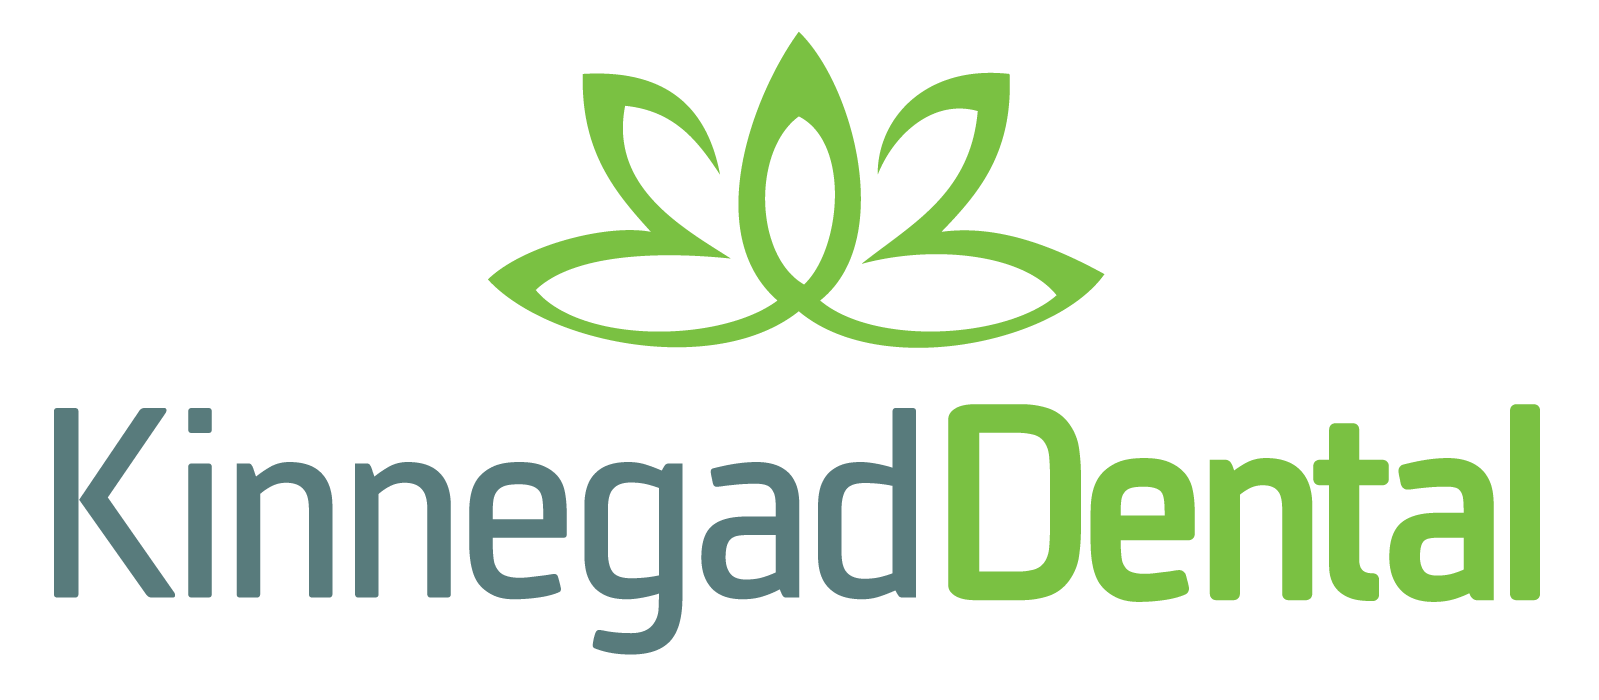 Kinnegad Dental Logo